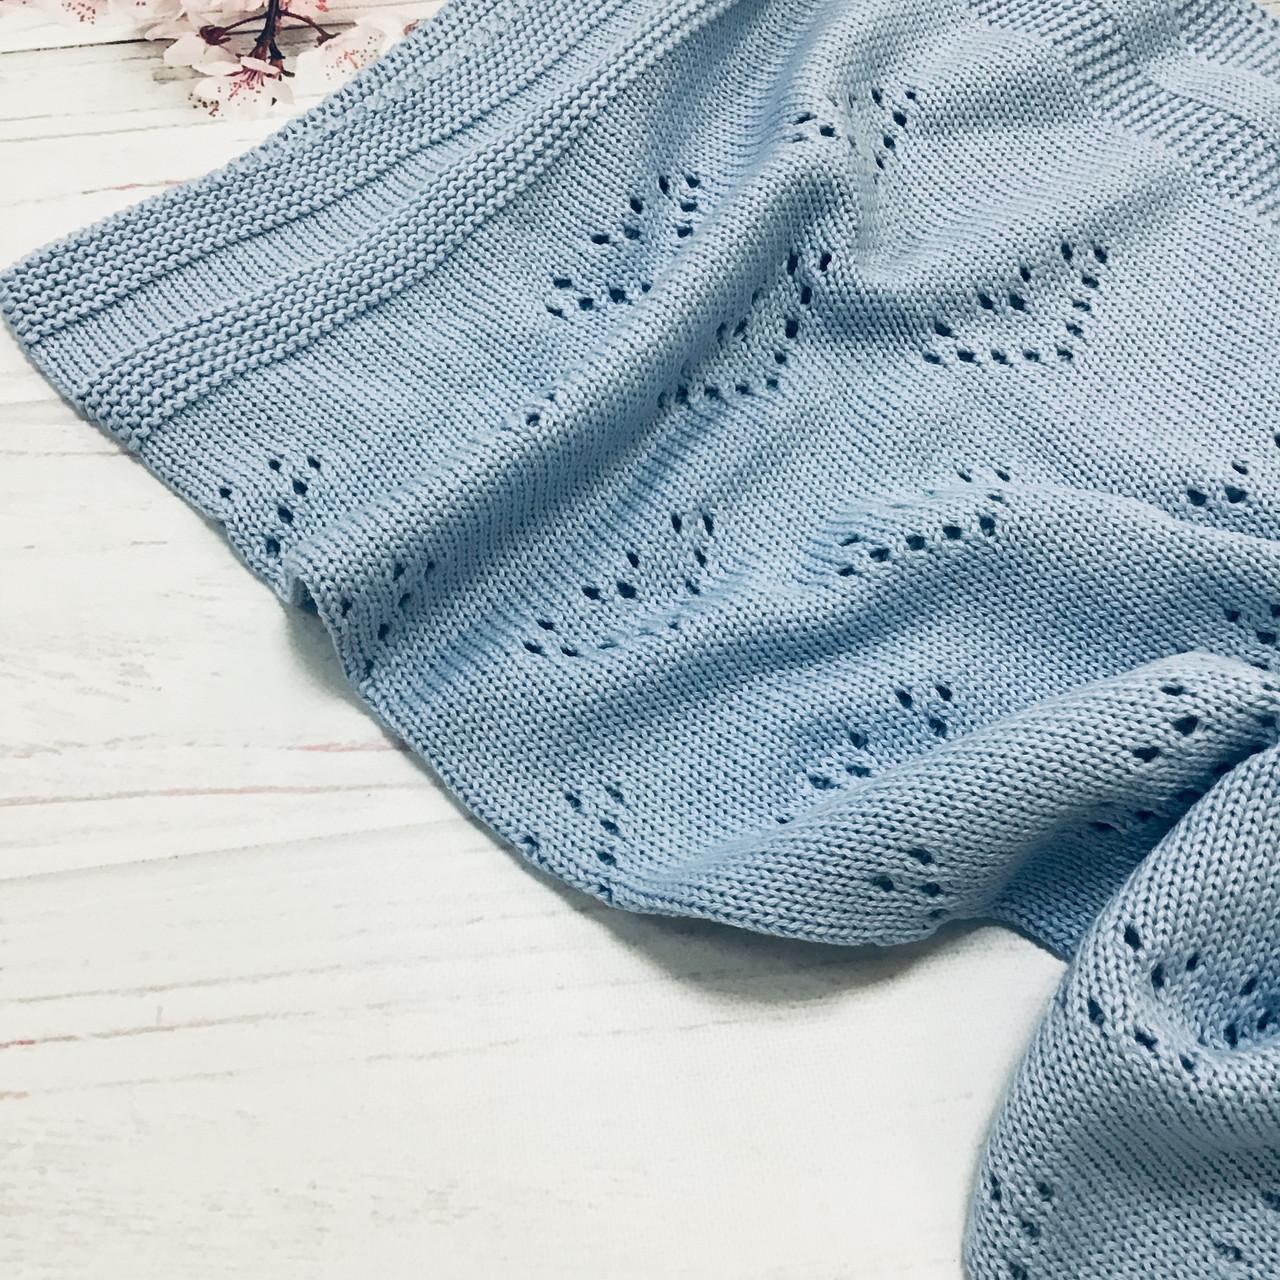 Плед вязанный Валентинка голубого цвета 95*75 см (90% хлопок, 10% акрил)